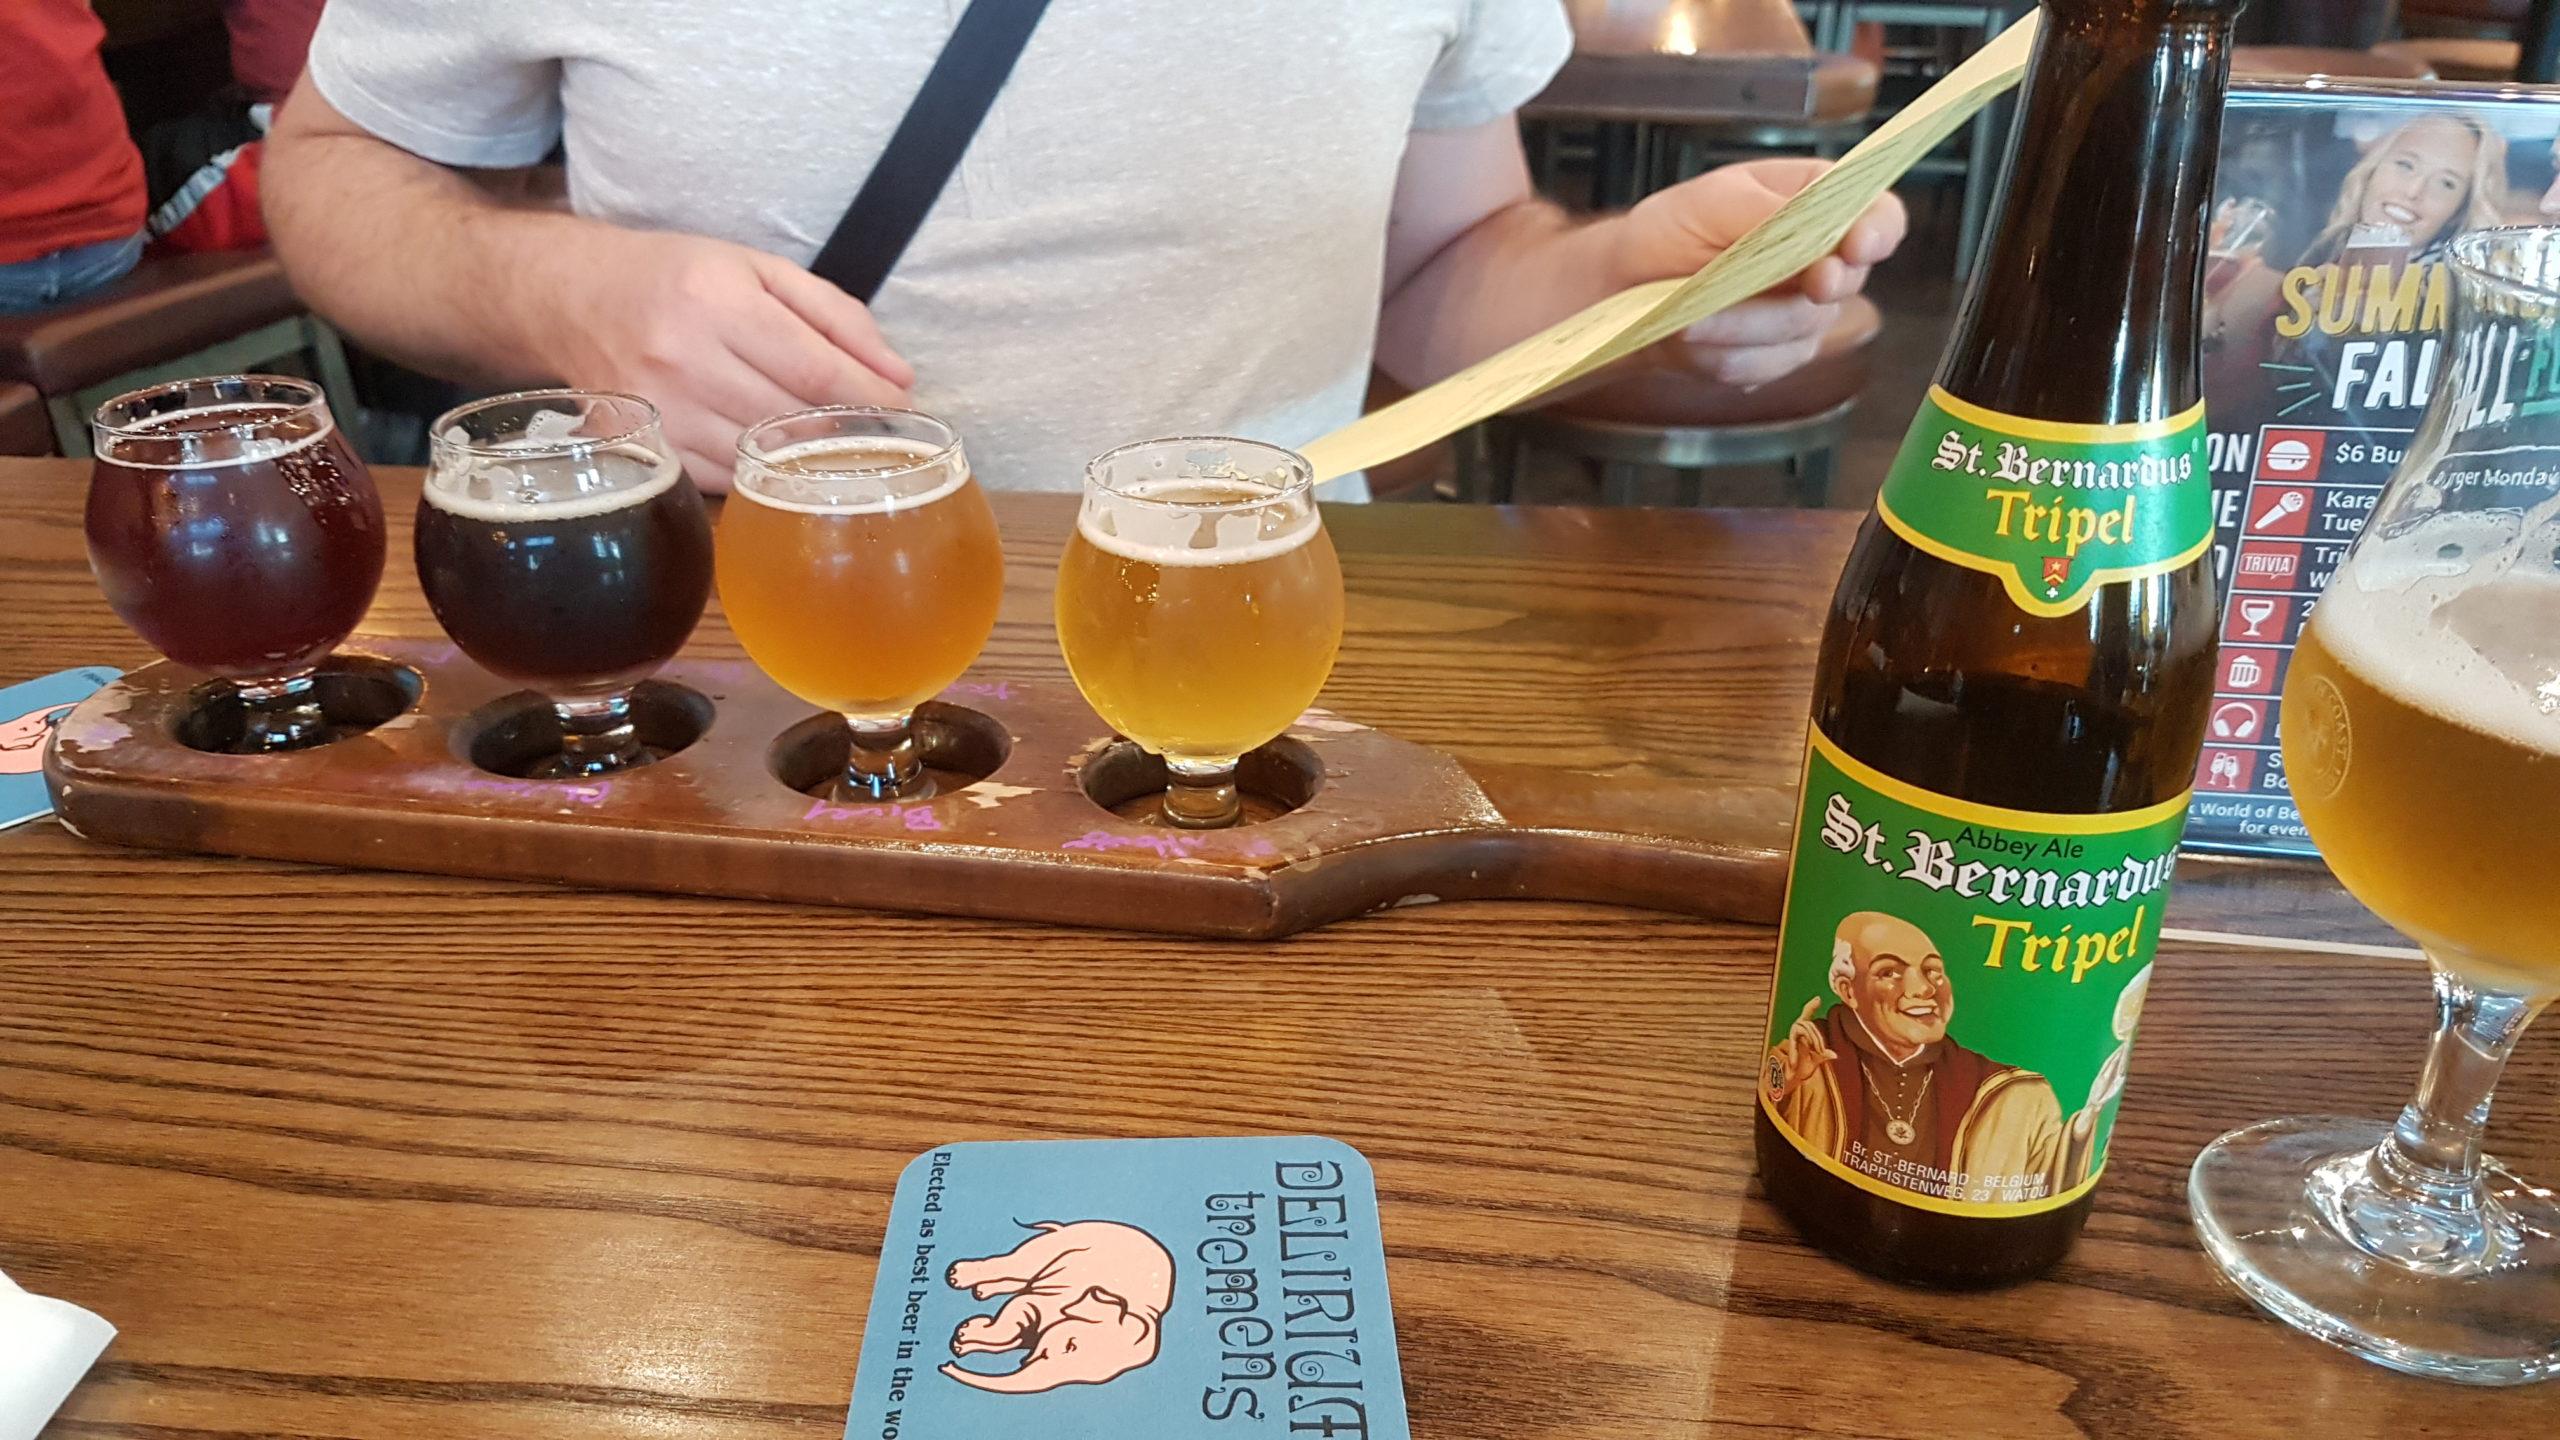 dégustation de bières au world of beers